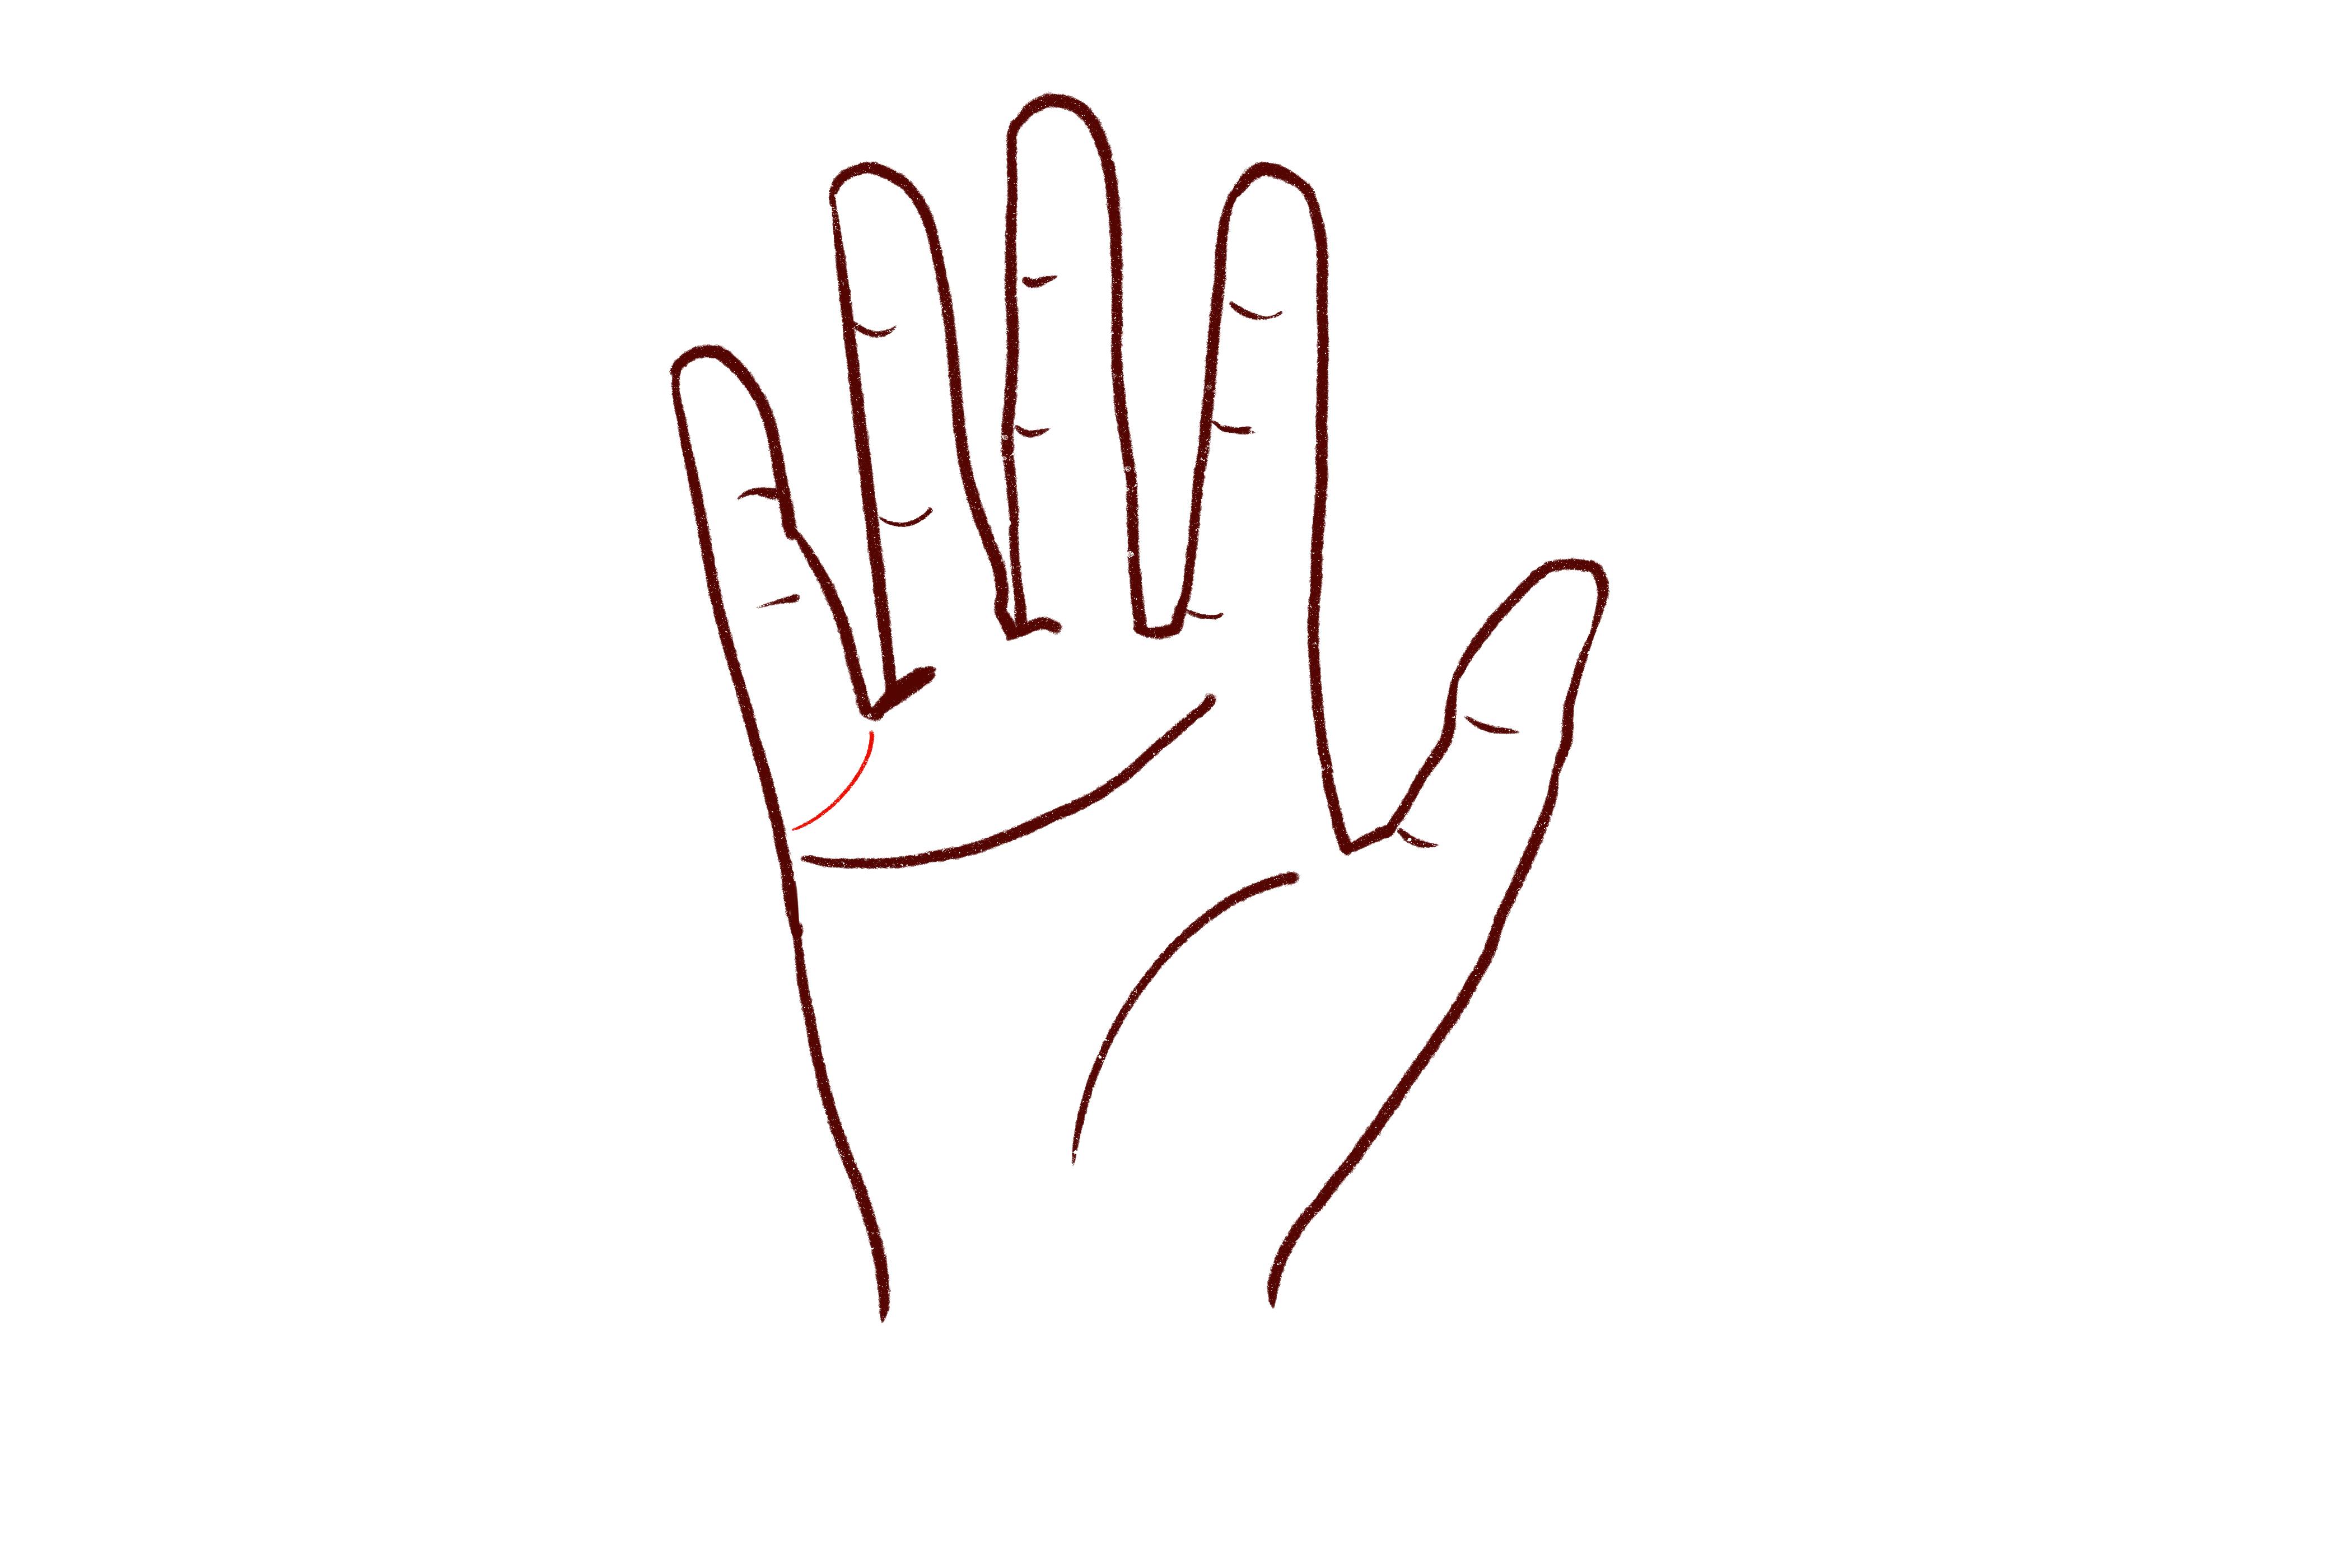 婚姻线弯向小指根部、呈链状